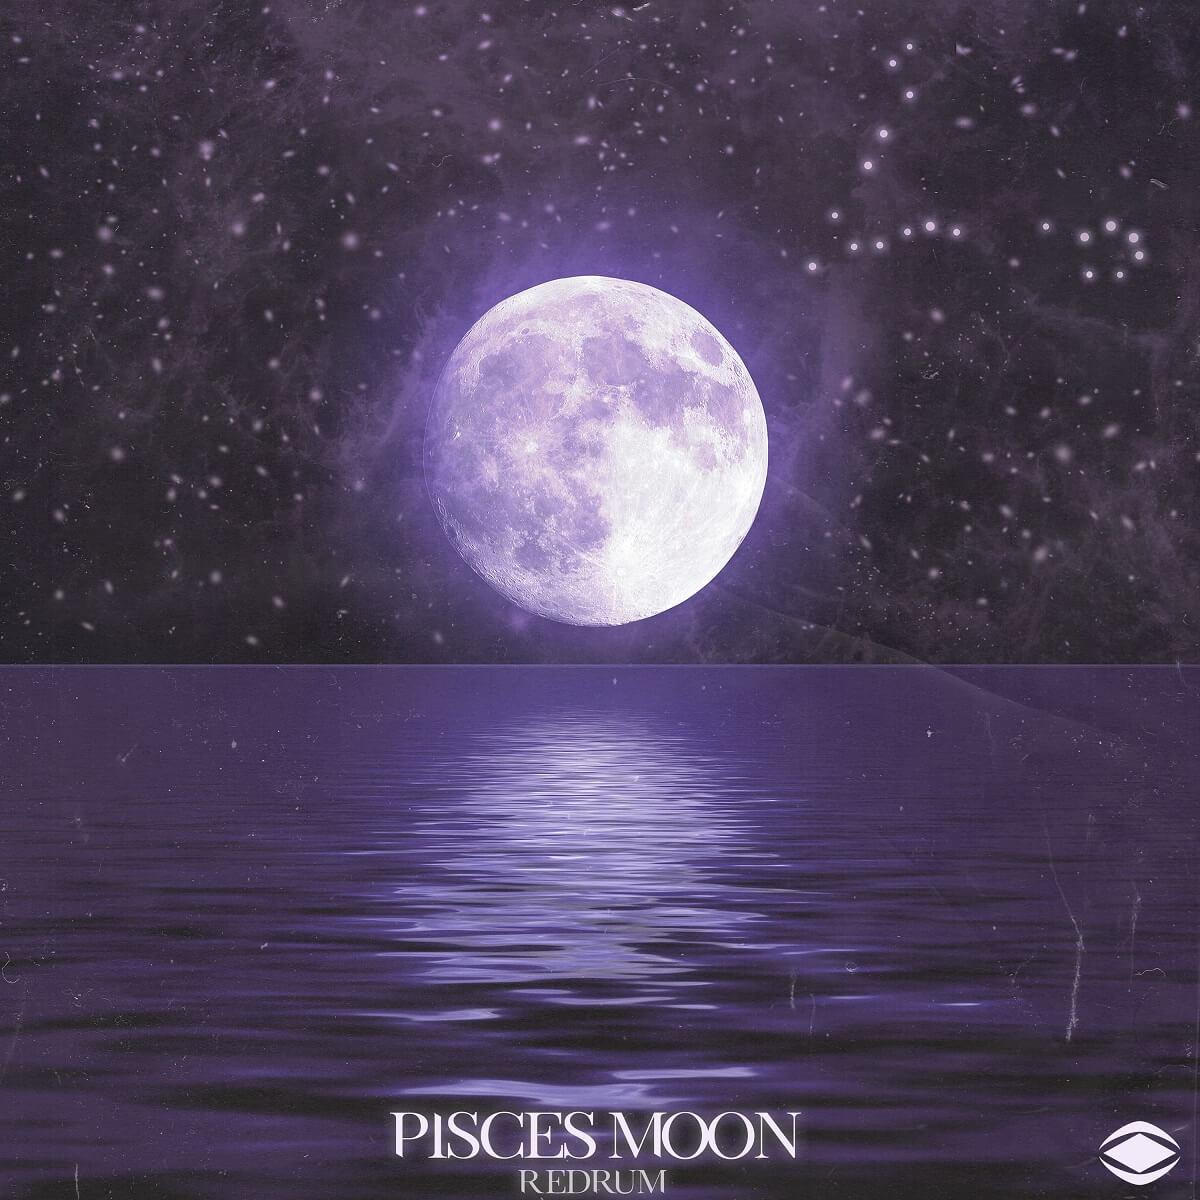 redrum pisces moon ep